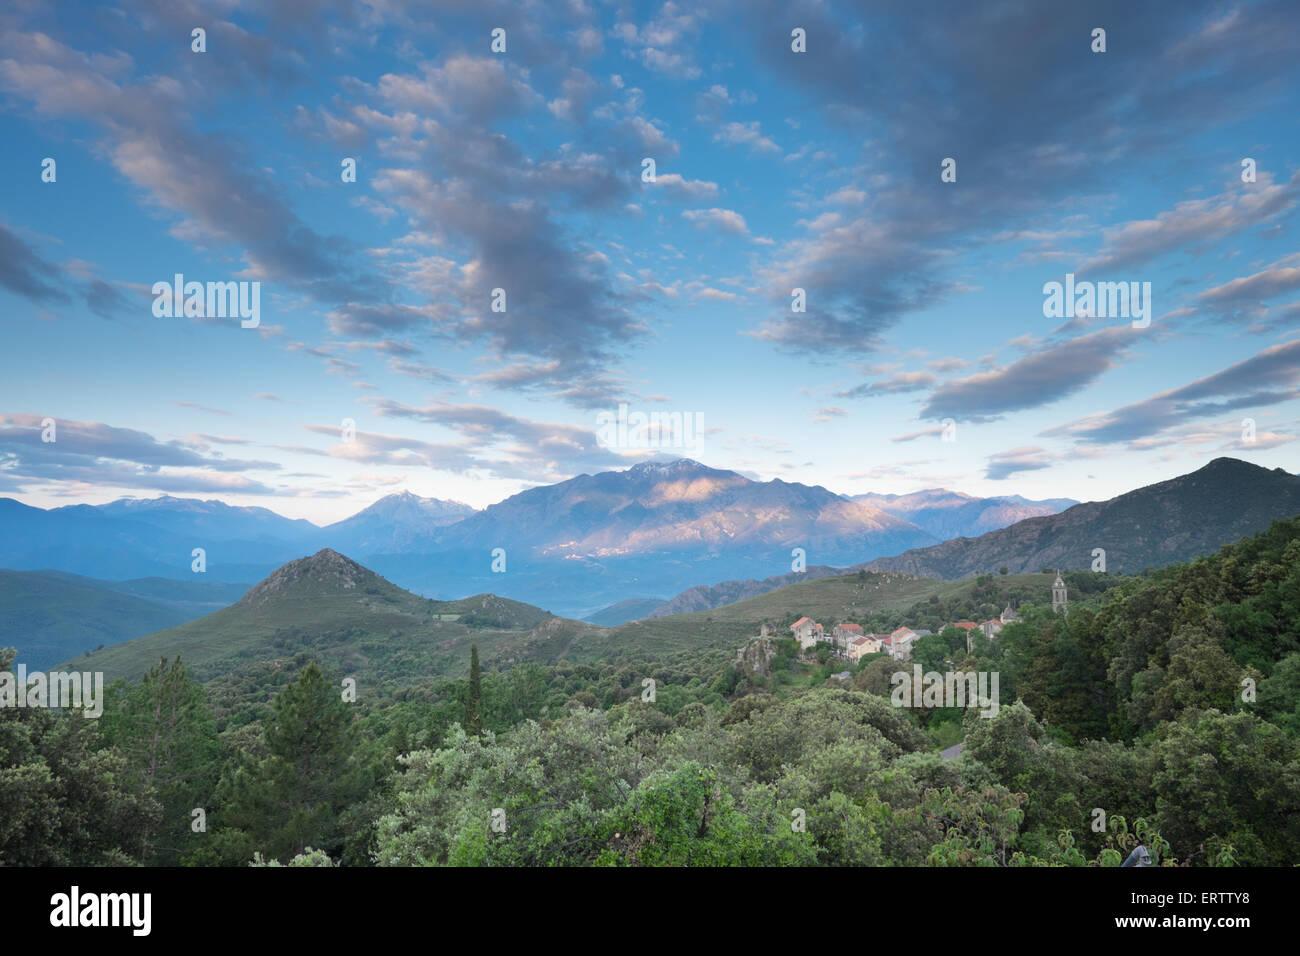 Die aufgehende Sonne wirft seitliche Streifen von Licht auf den Bergen von zentralen Korsika.  Die Wolken erstellen Stockbild